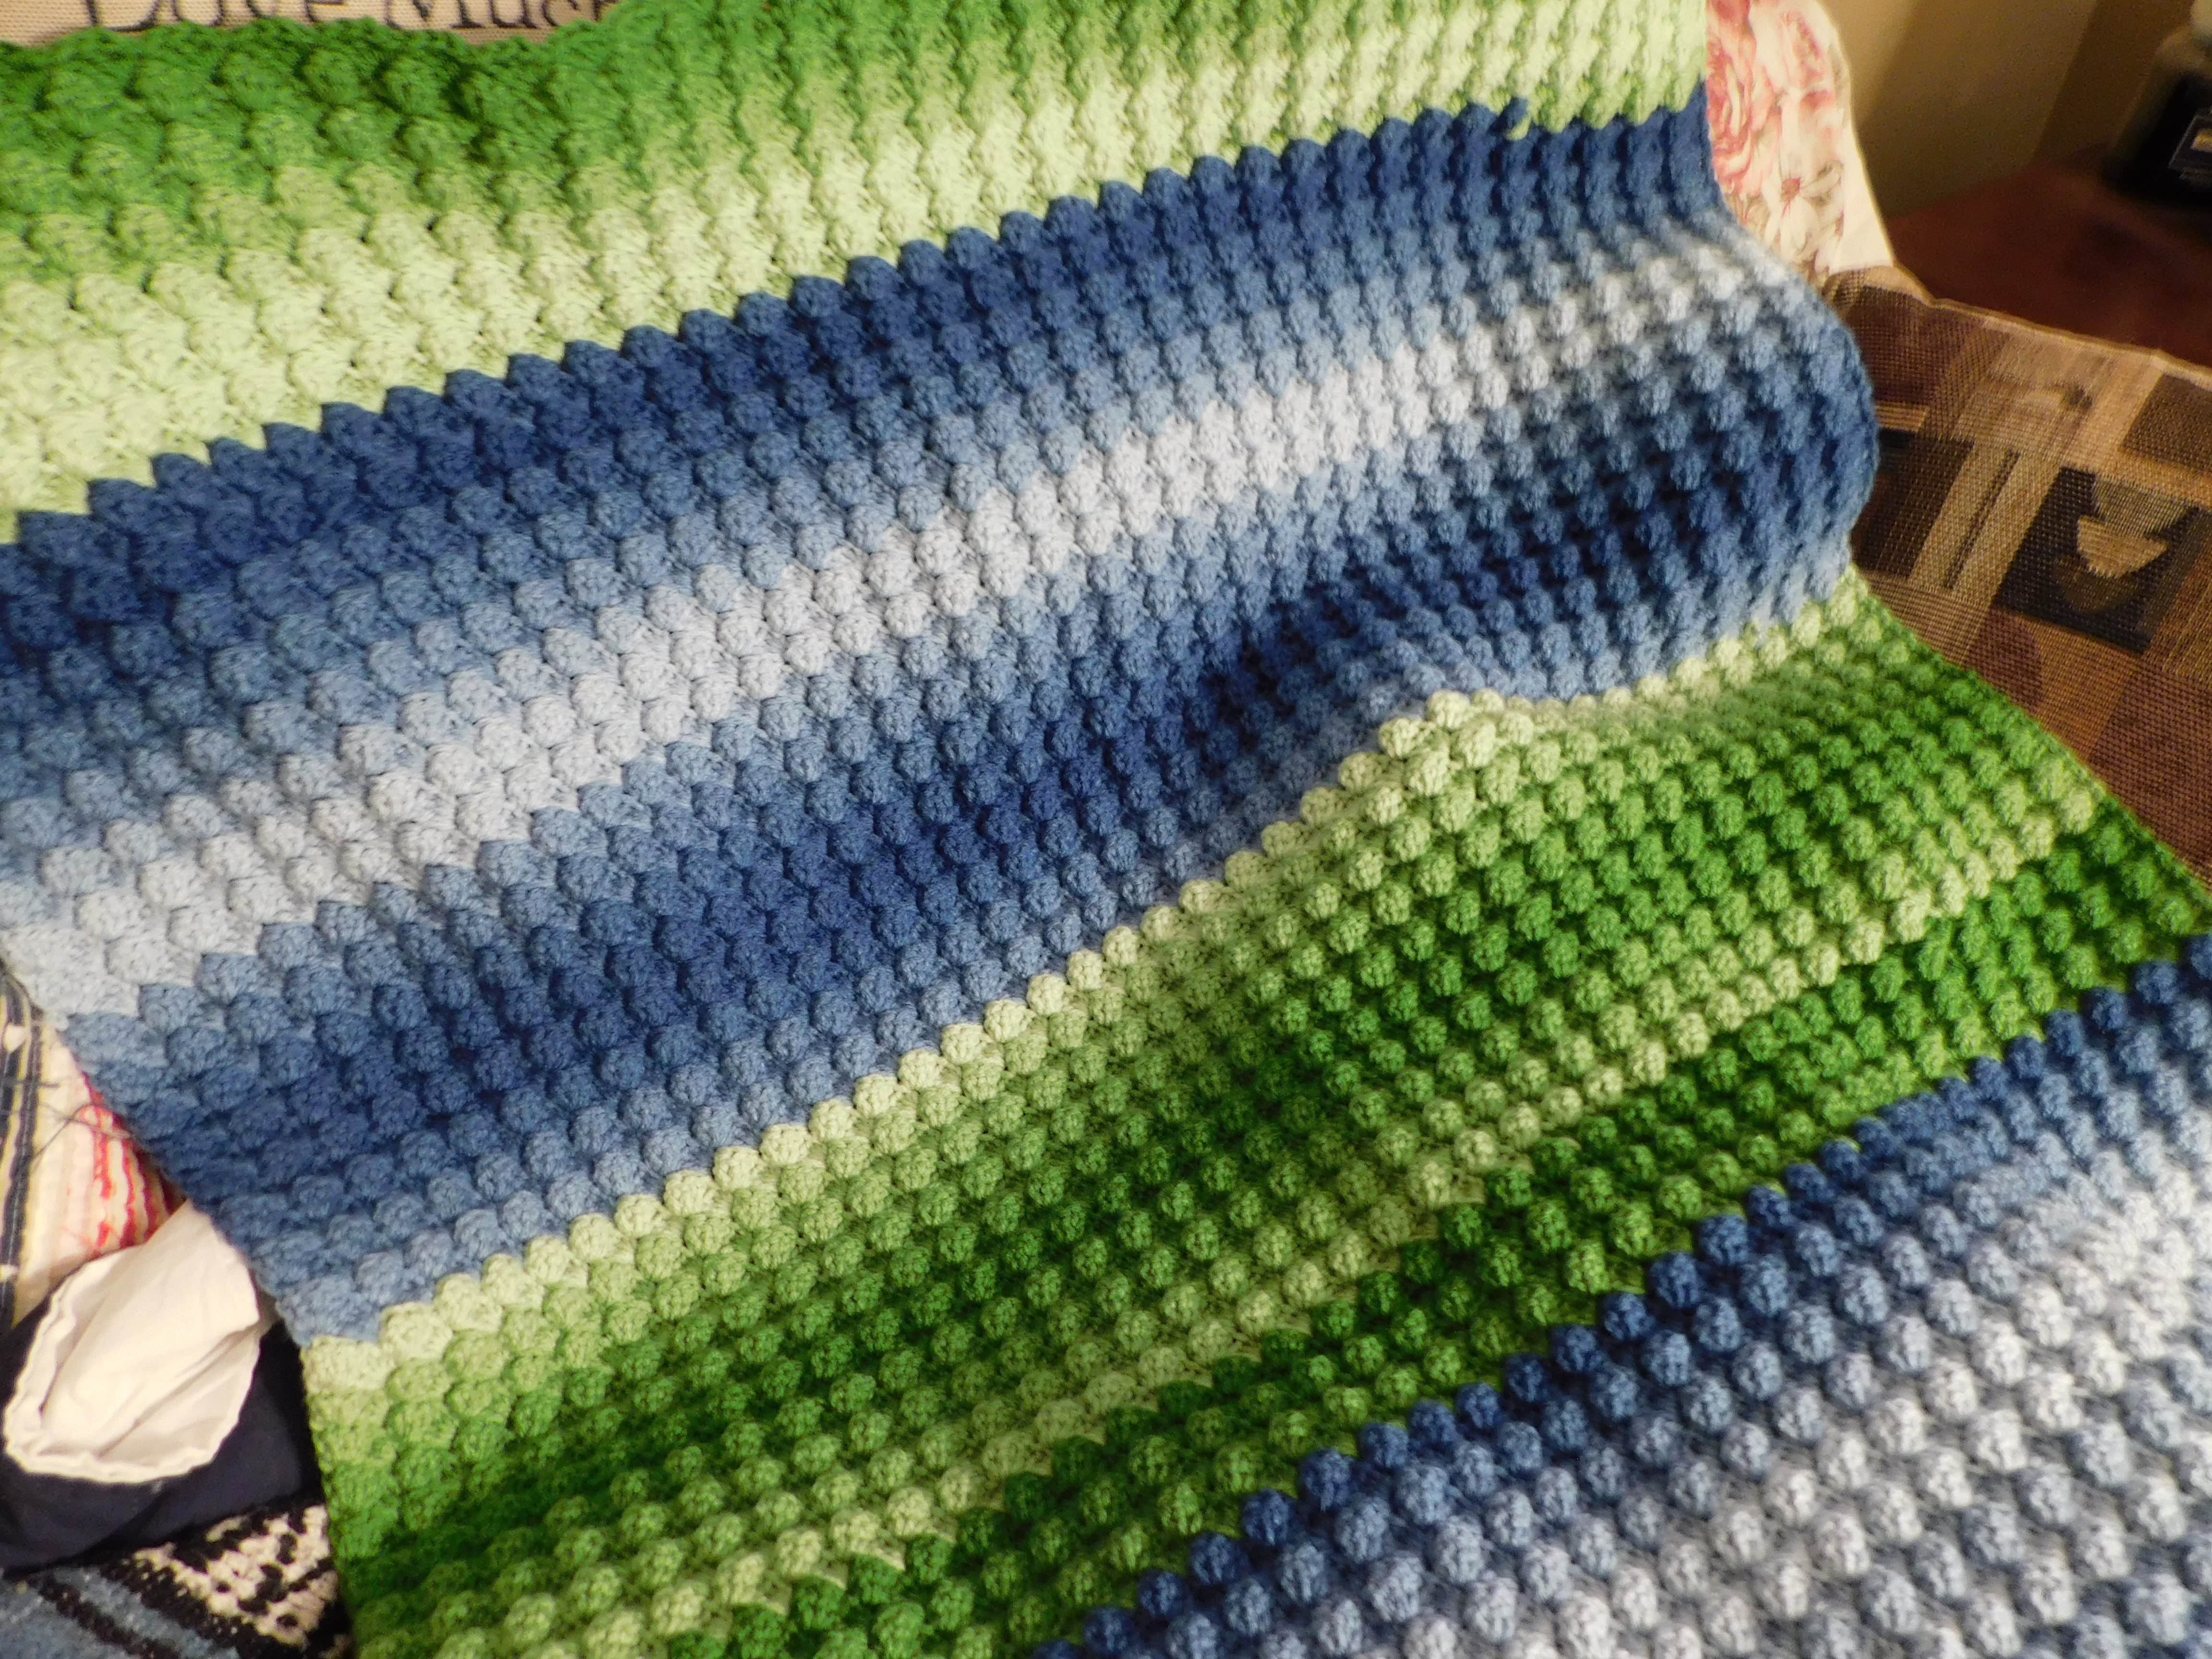 Project Linus Blanket #39 Lake Views